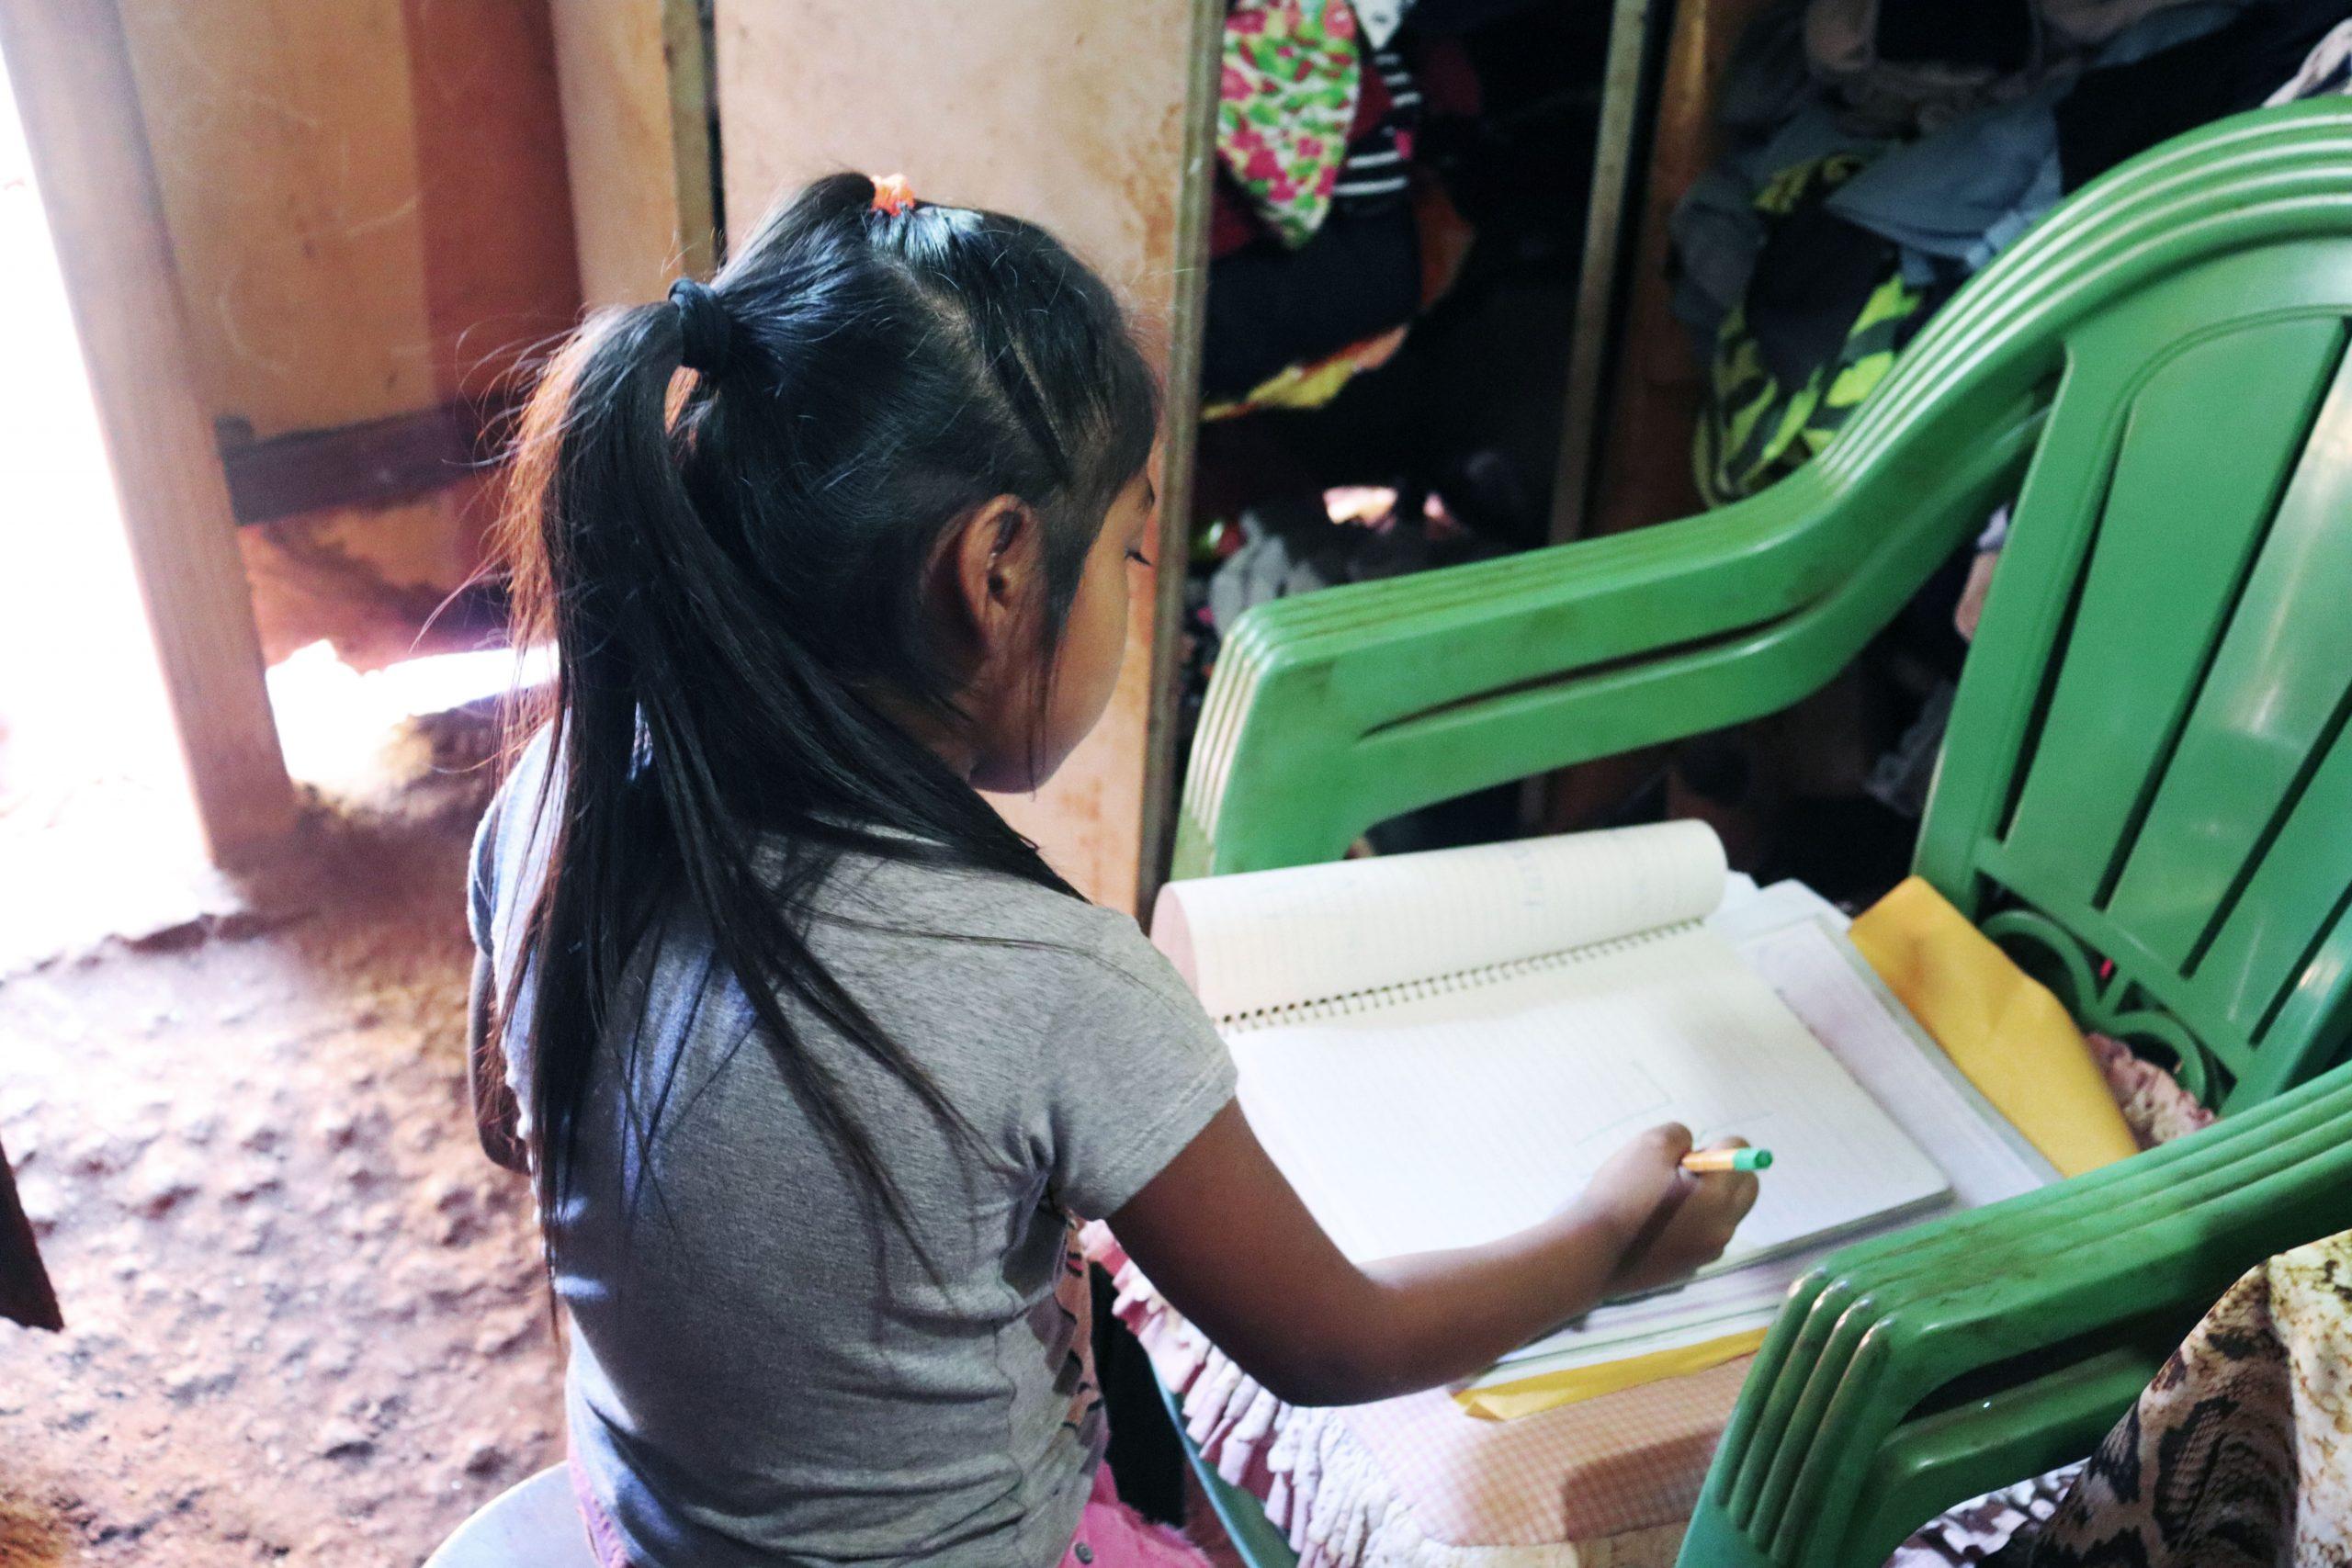 Menina Terena faz a lição em cadeira improvisada como mesa: um dos poucos cantos iluminados da casa. Foto de Ethieny Karen